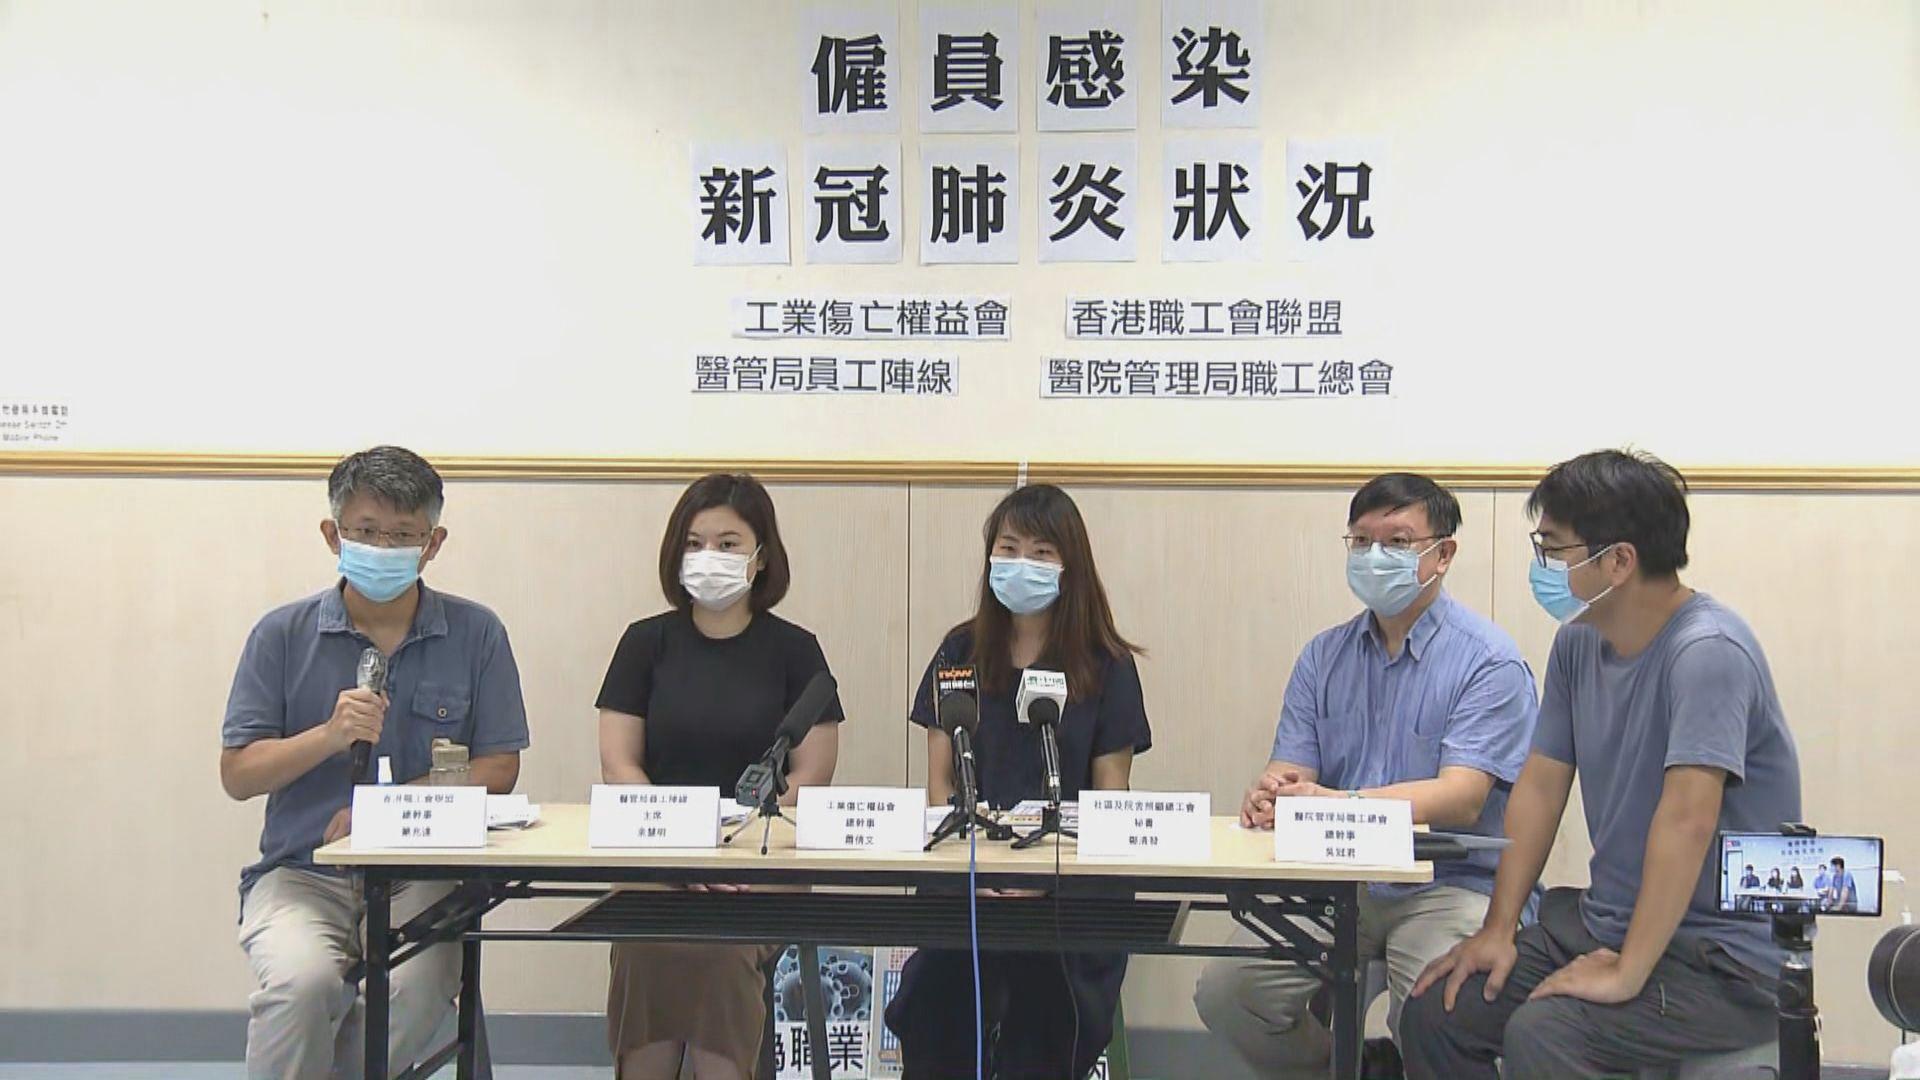 多個工會要求政府把新冠病毒列為職業病